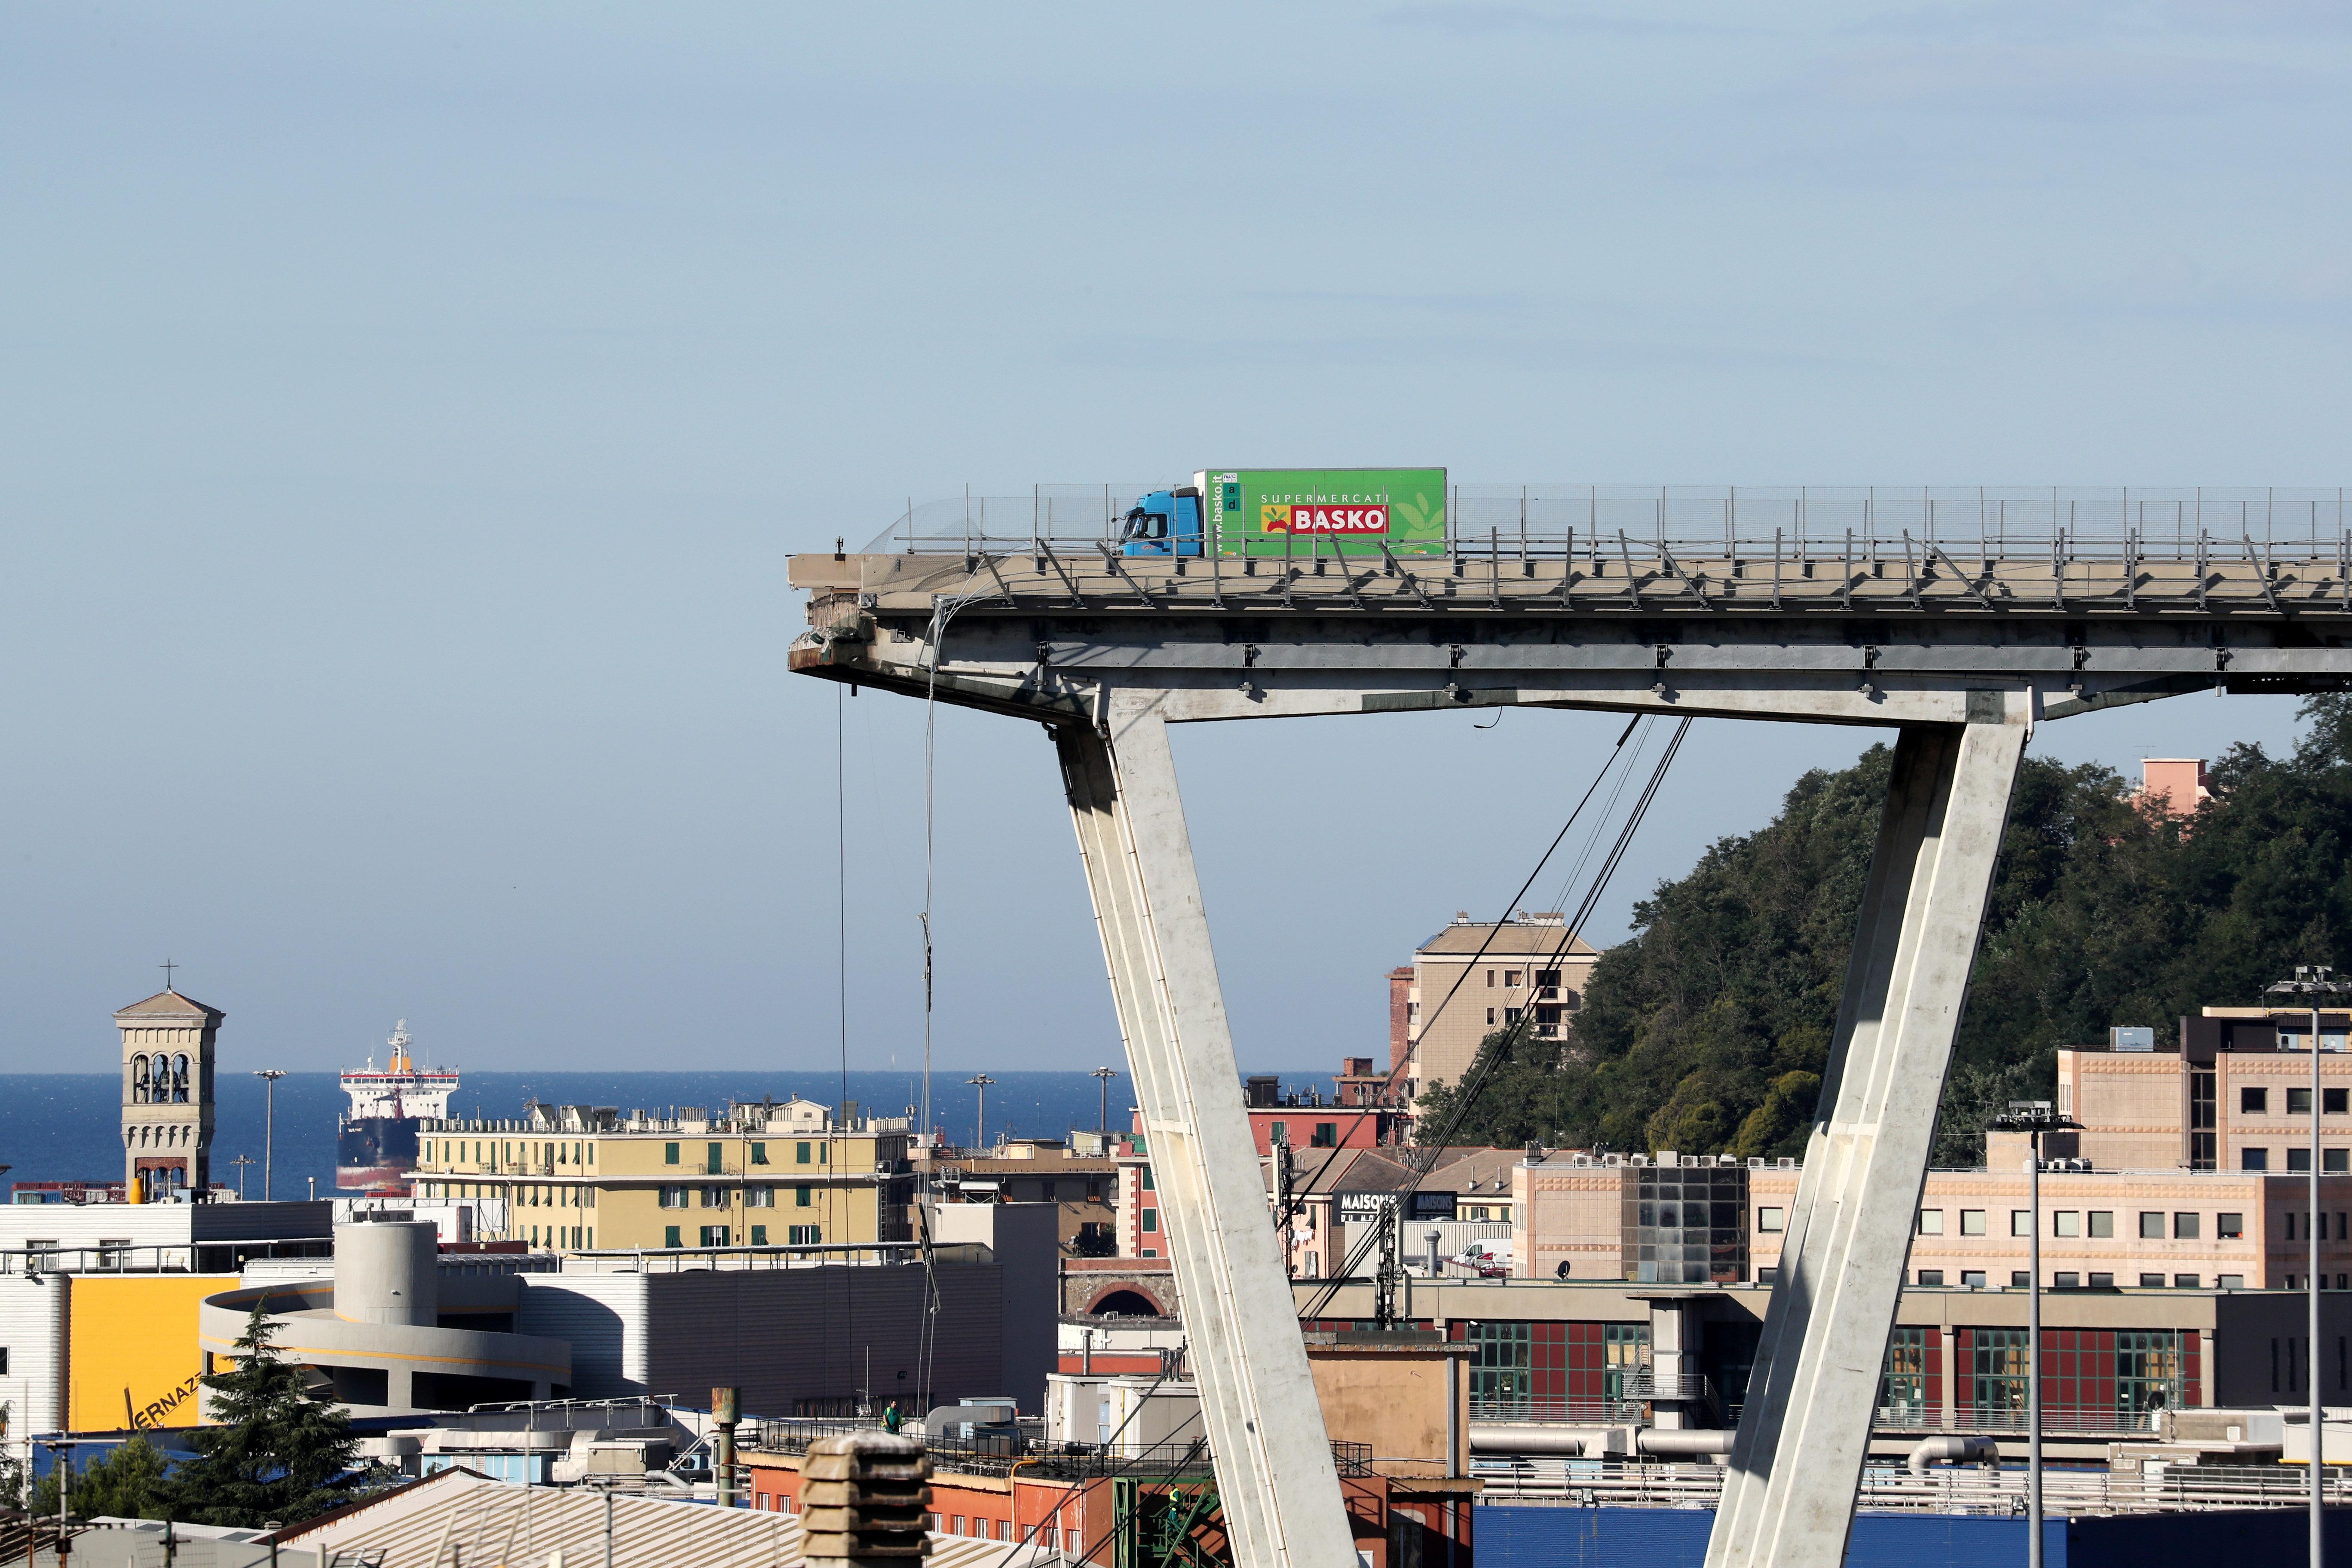 Viaduc effondré à Gênes: l'espoir s'amenuise, une quarantaine de